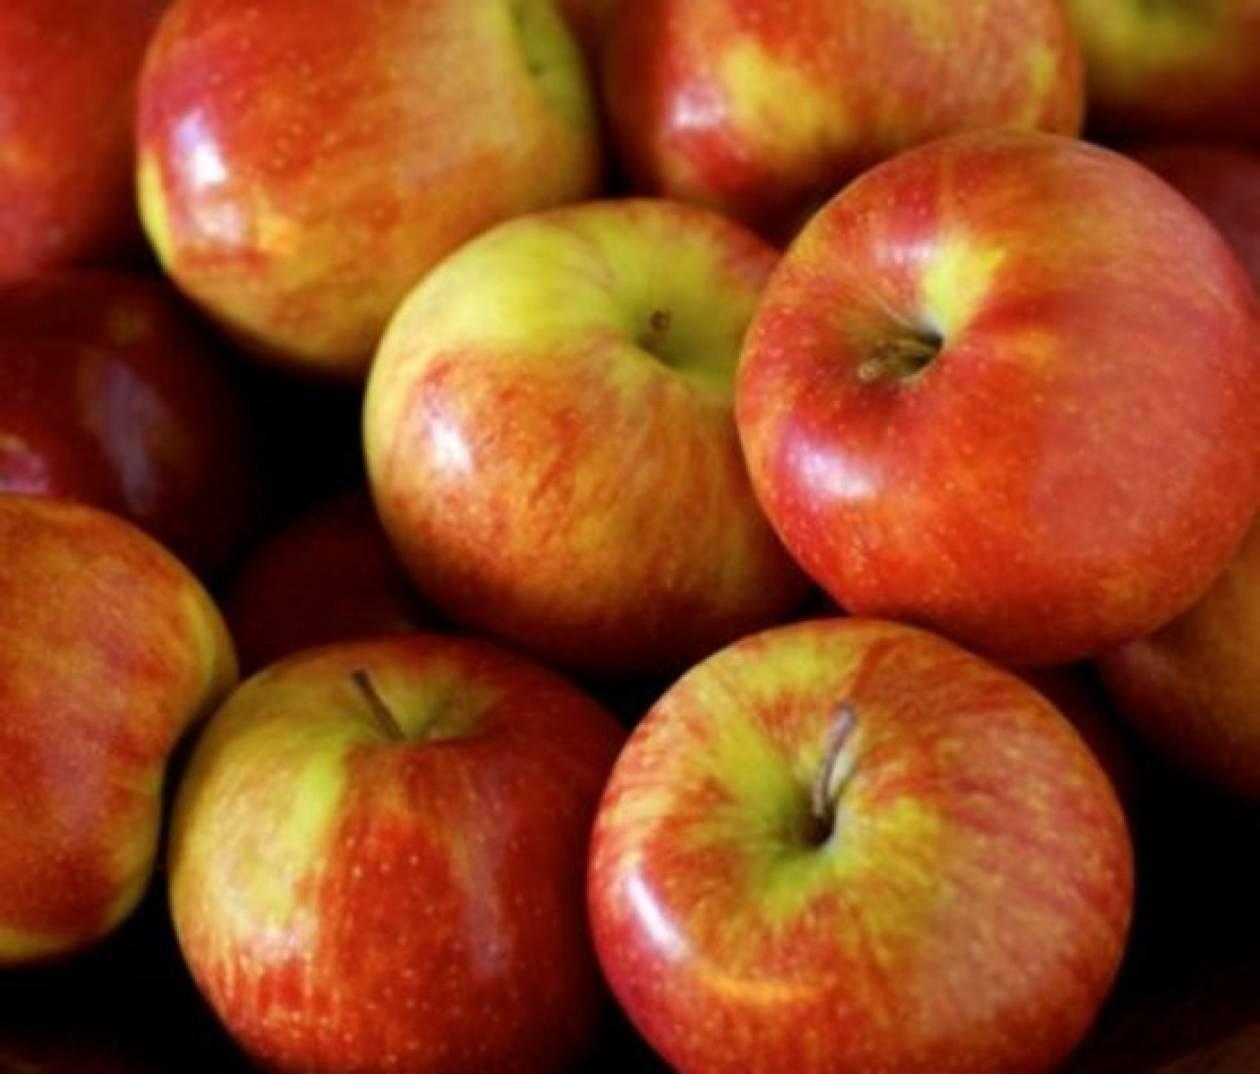 Μήλα με γλυκιά επικάλυψη καραμέλας